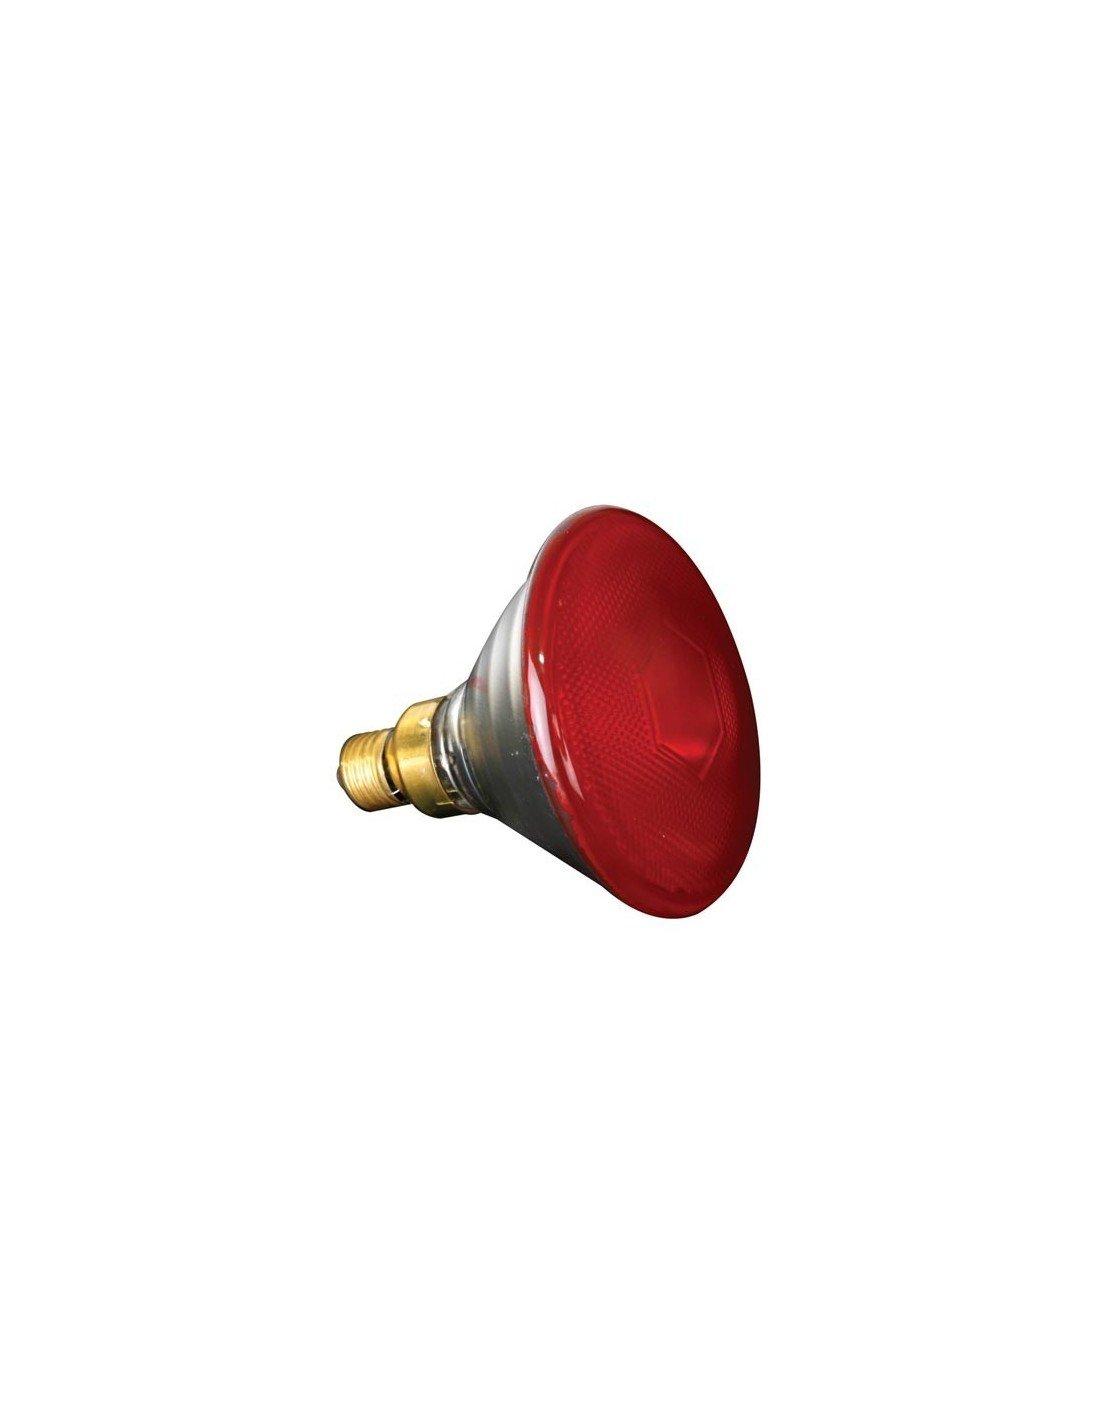 Sylvania 143956Ampoule halogène, 80W, 240V, E27PAR38, Fl à 30°, rouge 80W 240V E27PAR38 Fl à 30°